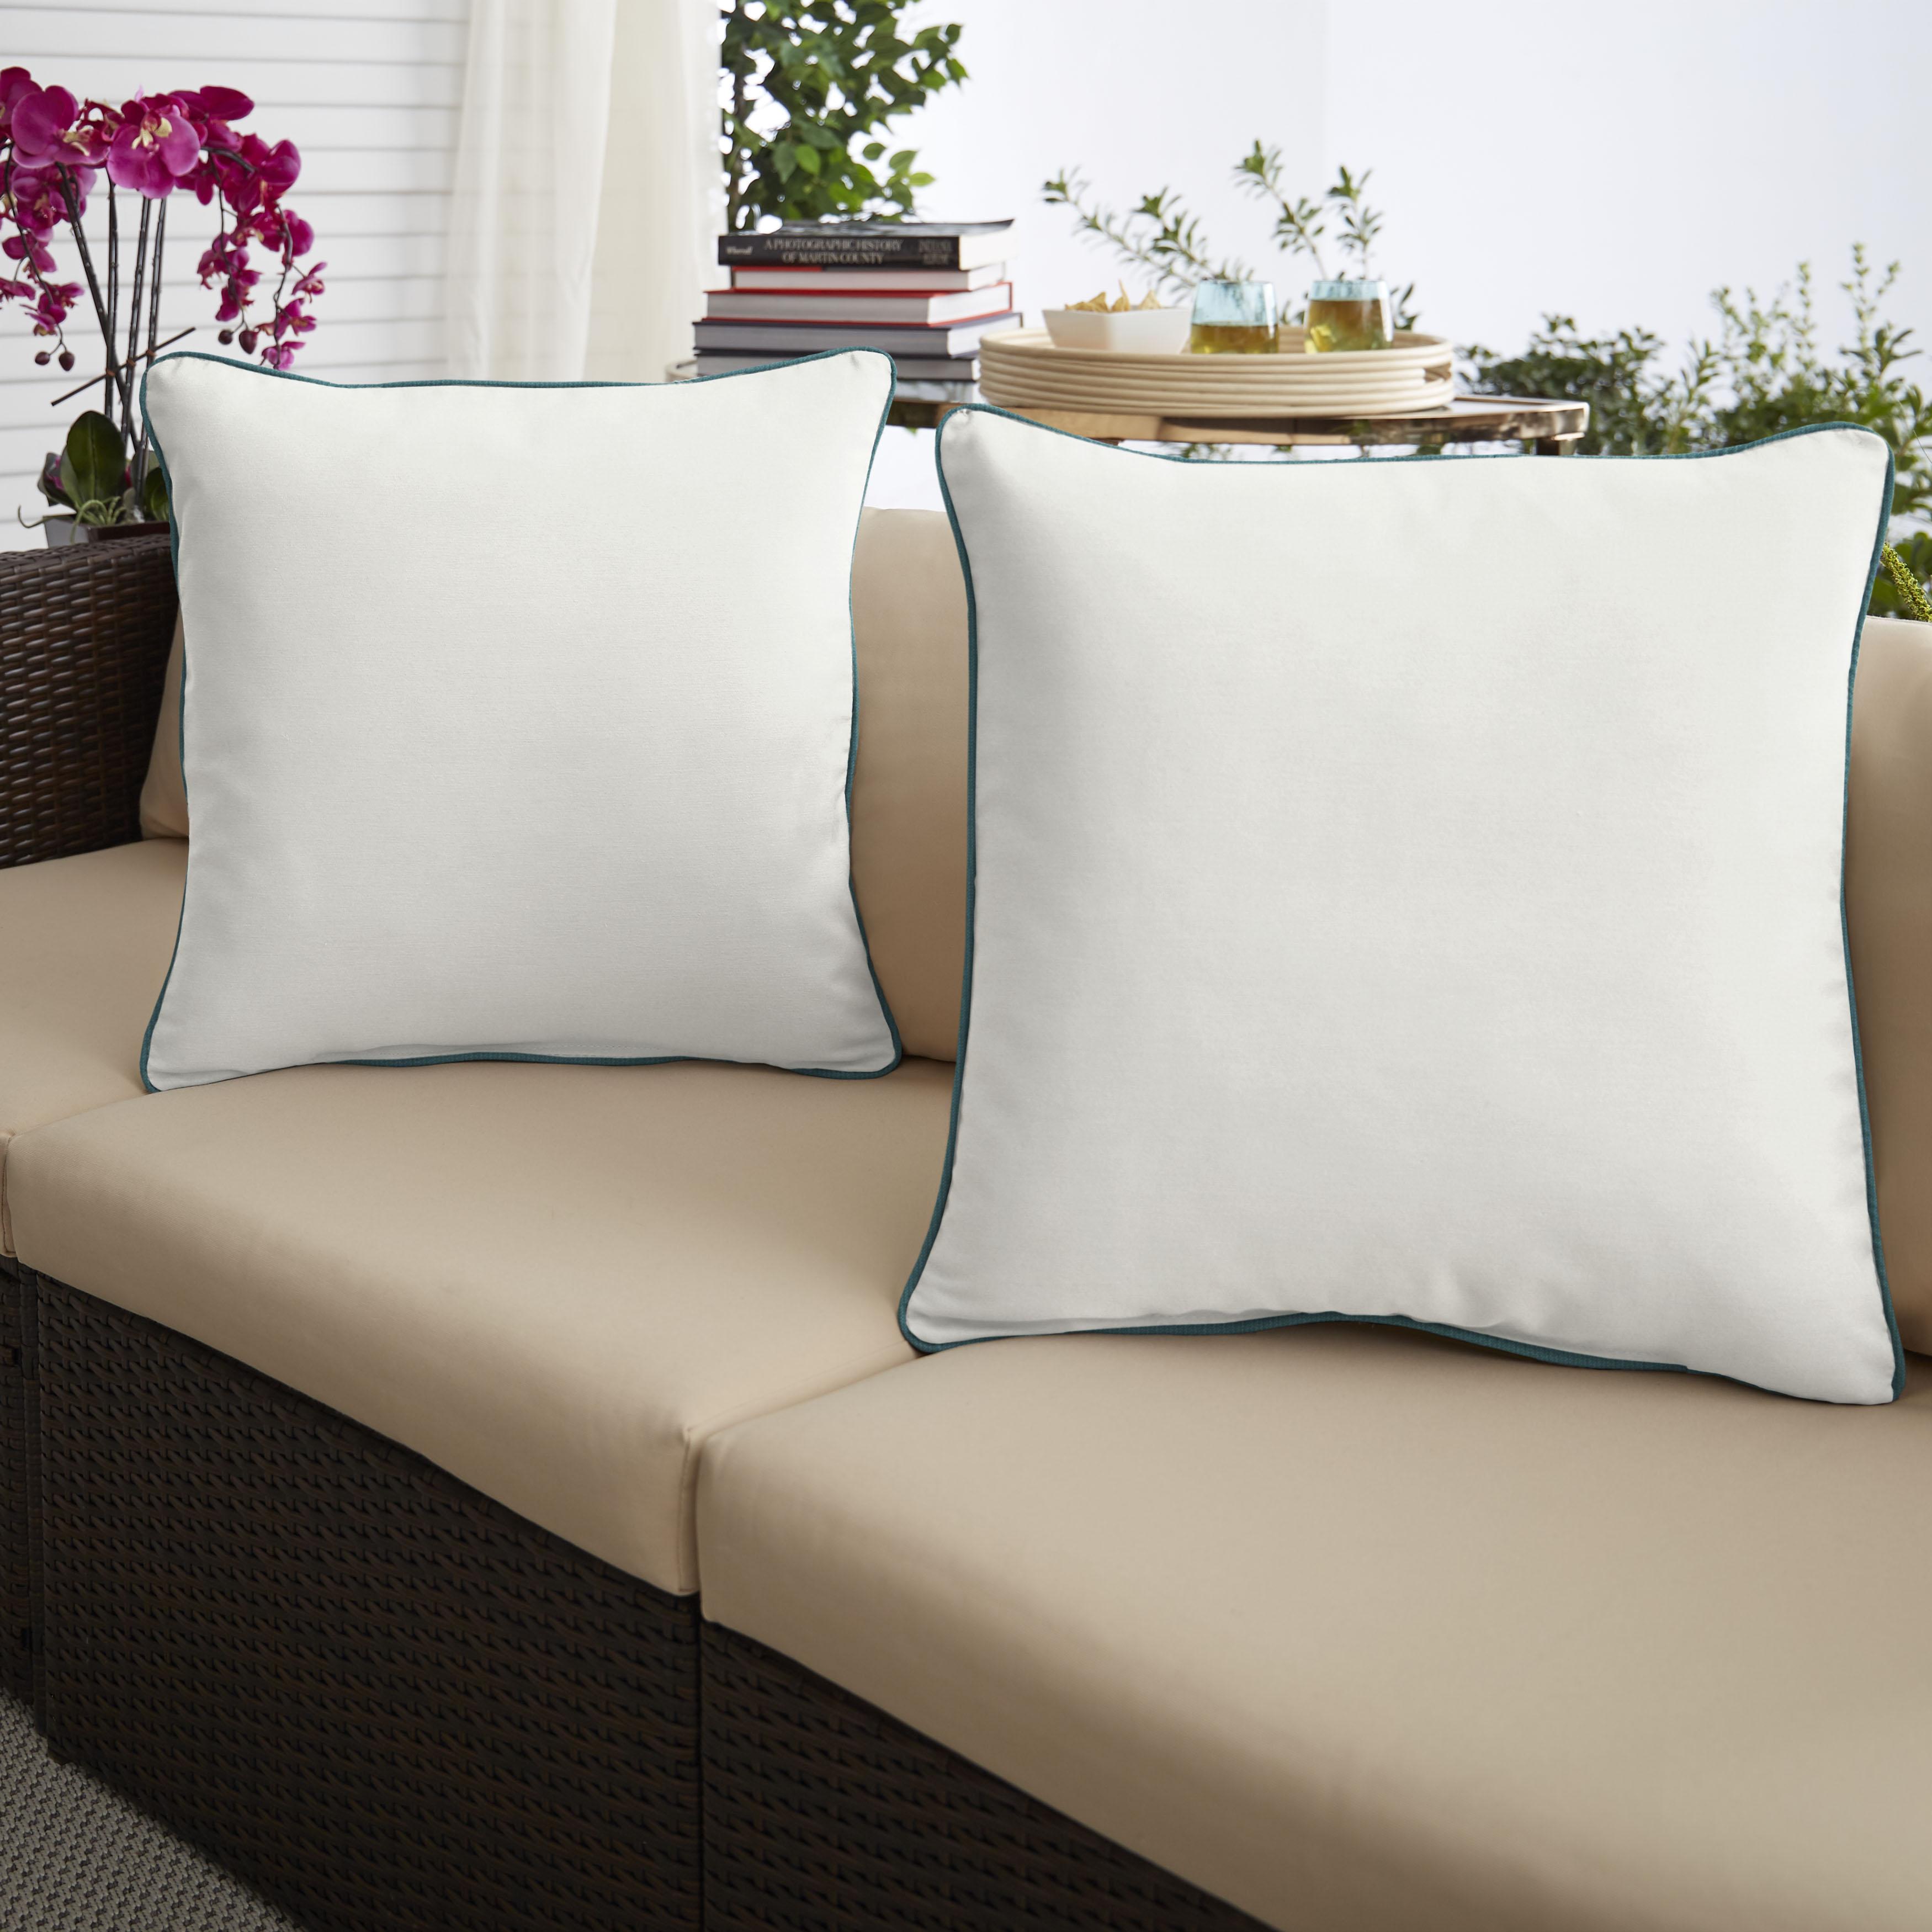 Sunbrella Canvas Natural/Spectrum Peacock  Set of 2 Outdoor Pillows